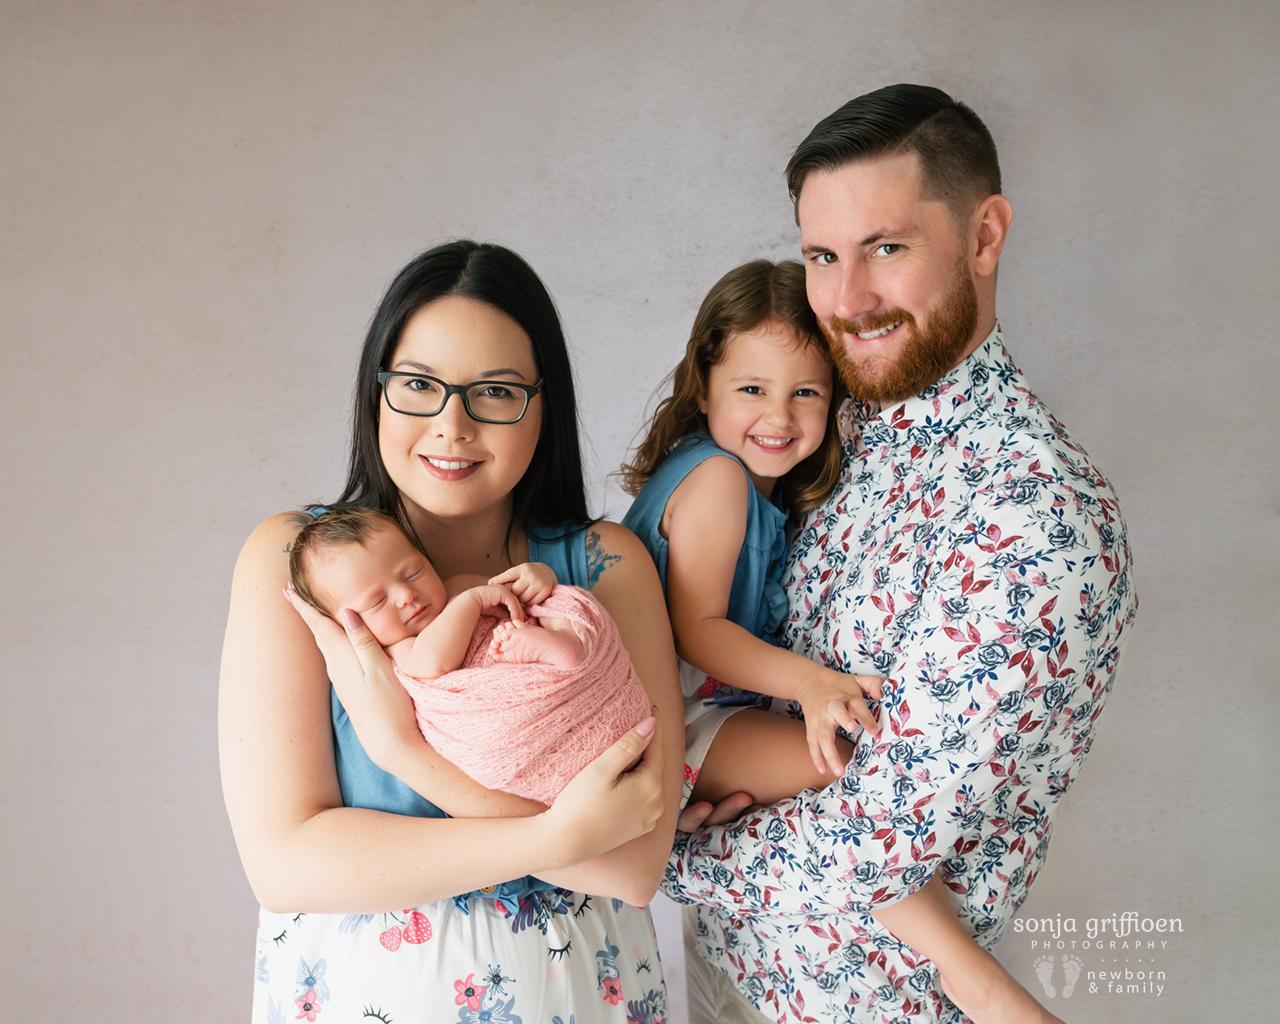 Delilah-Newborn-Brisbane-Newborn-Photographer-Sonja-Griffioen-01.jpg